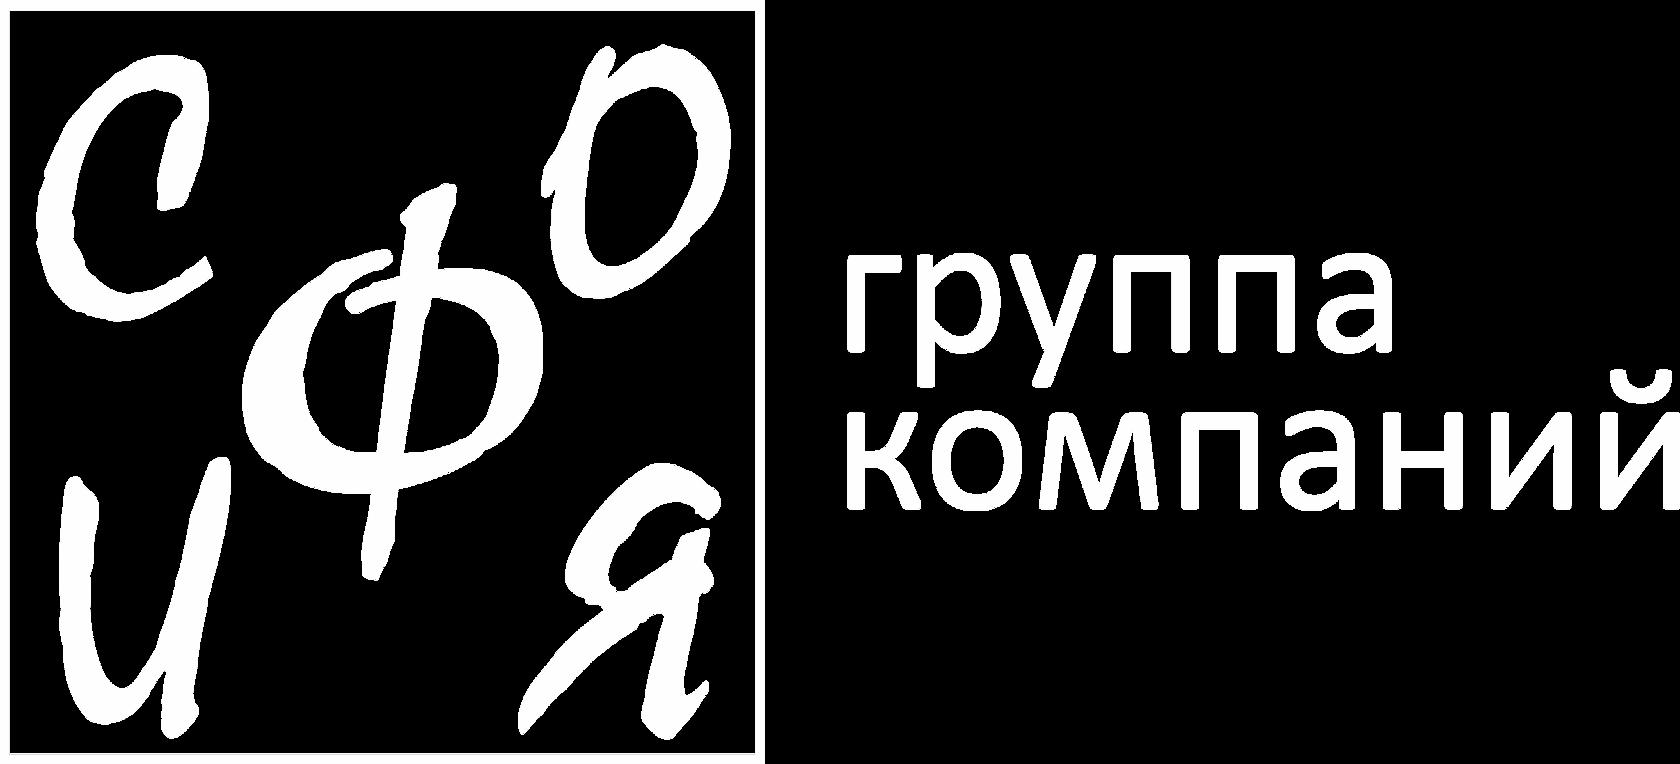 группа компаний СОФИЯ